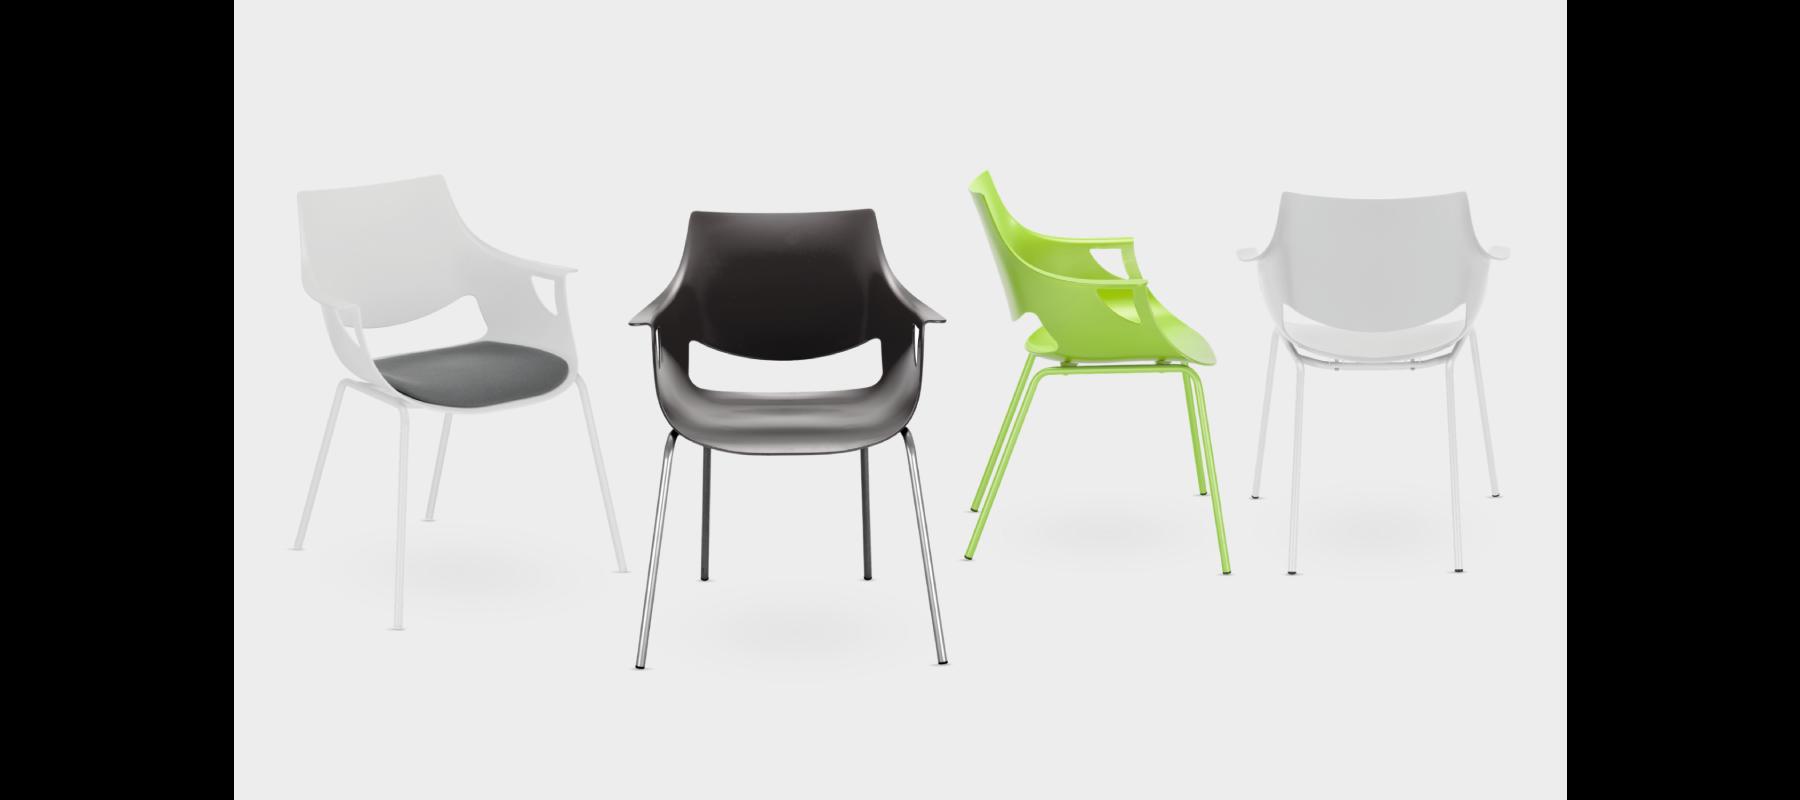 krzesła stacjonarne fano aranżacje - 05